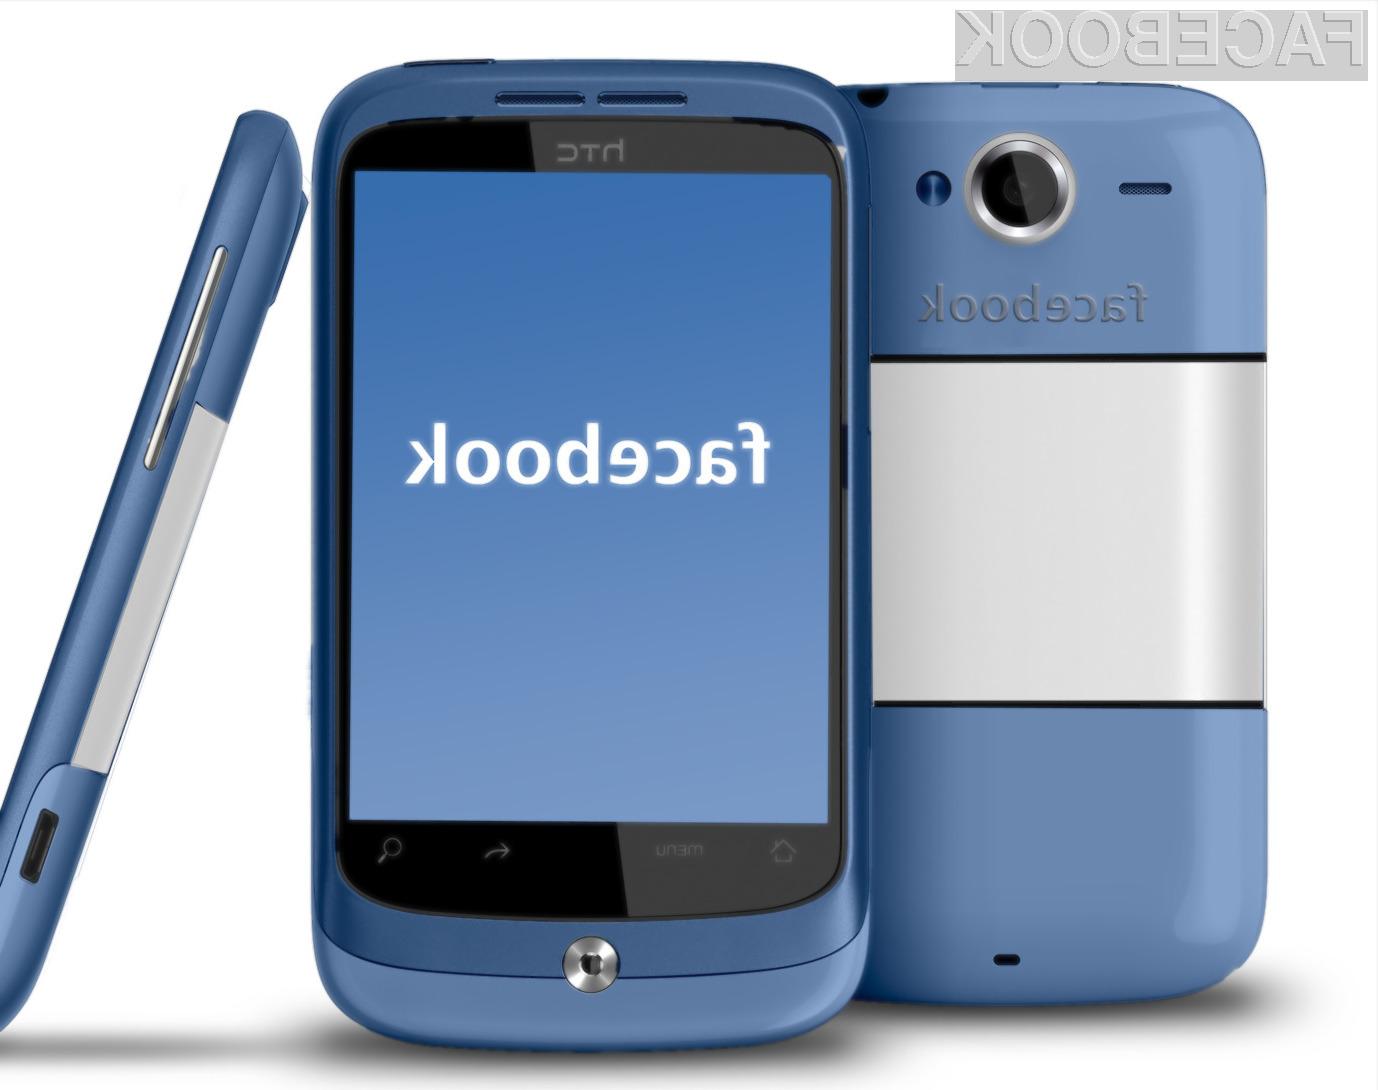 Pri Facebooku očitno iščejo drugačen način za vstop na trg mobilnih naprav - sodeč po njihovem najnovejšem projektu